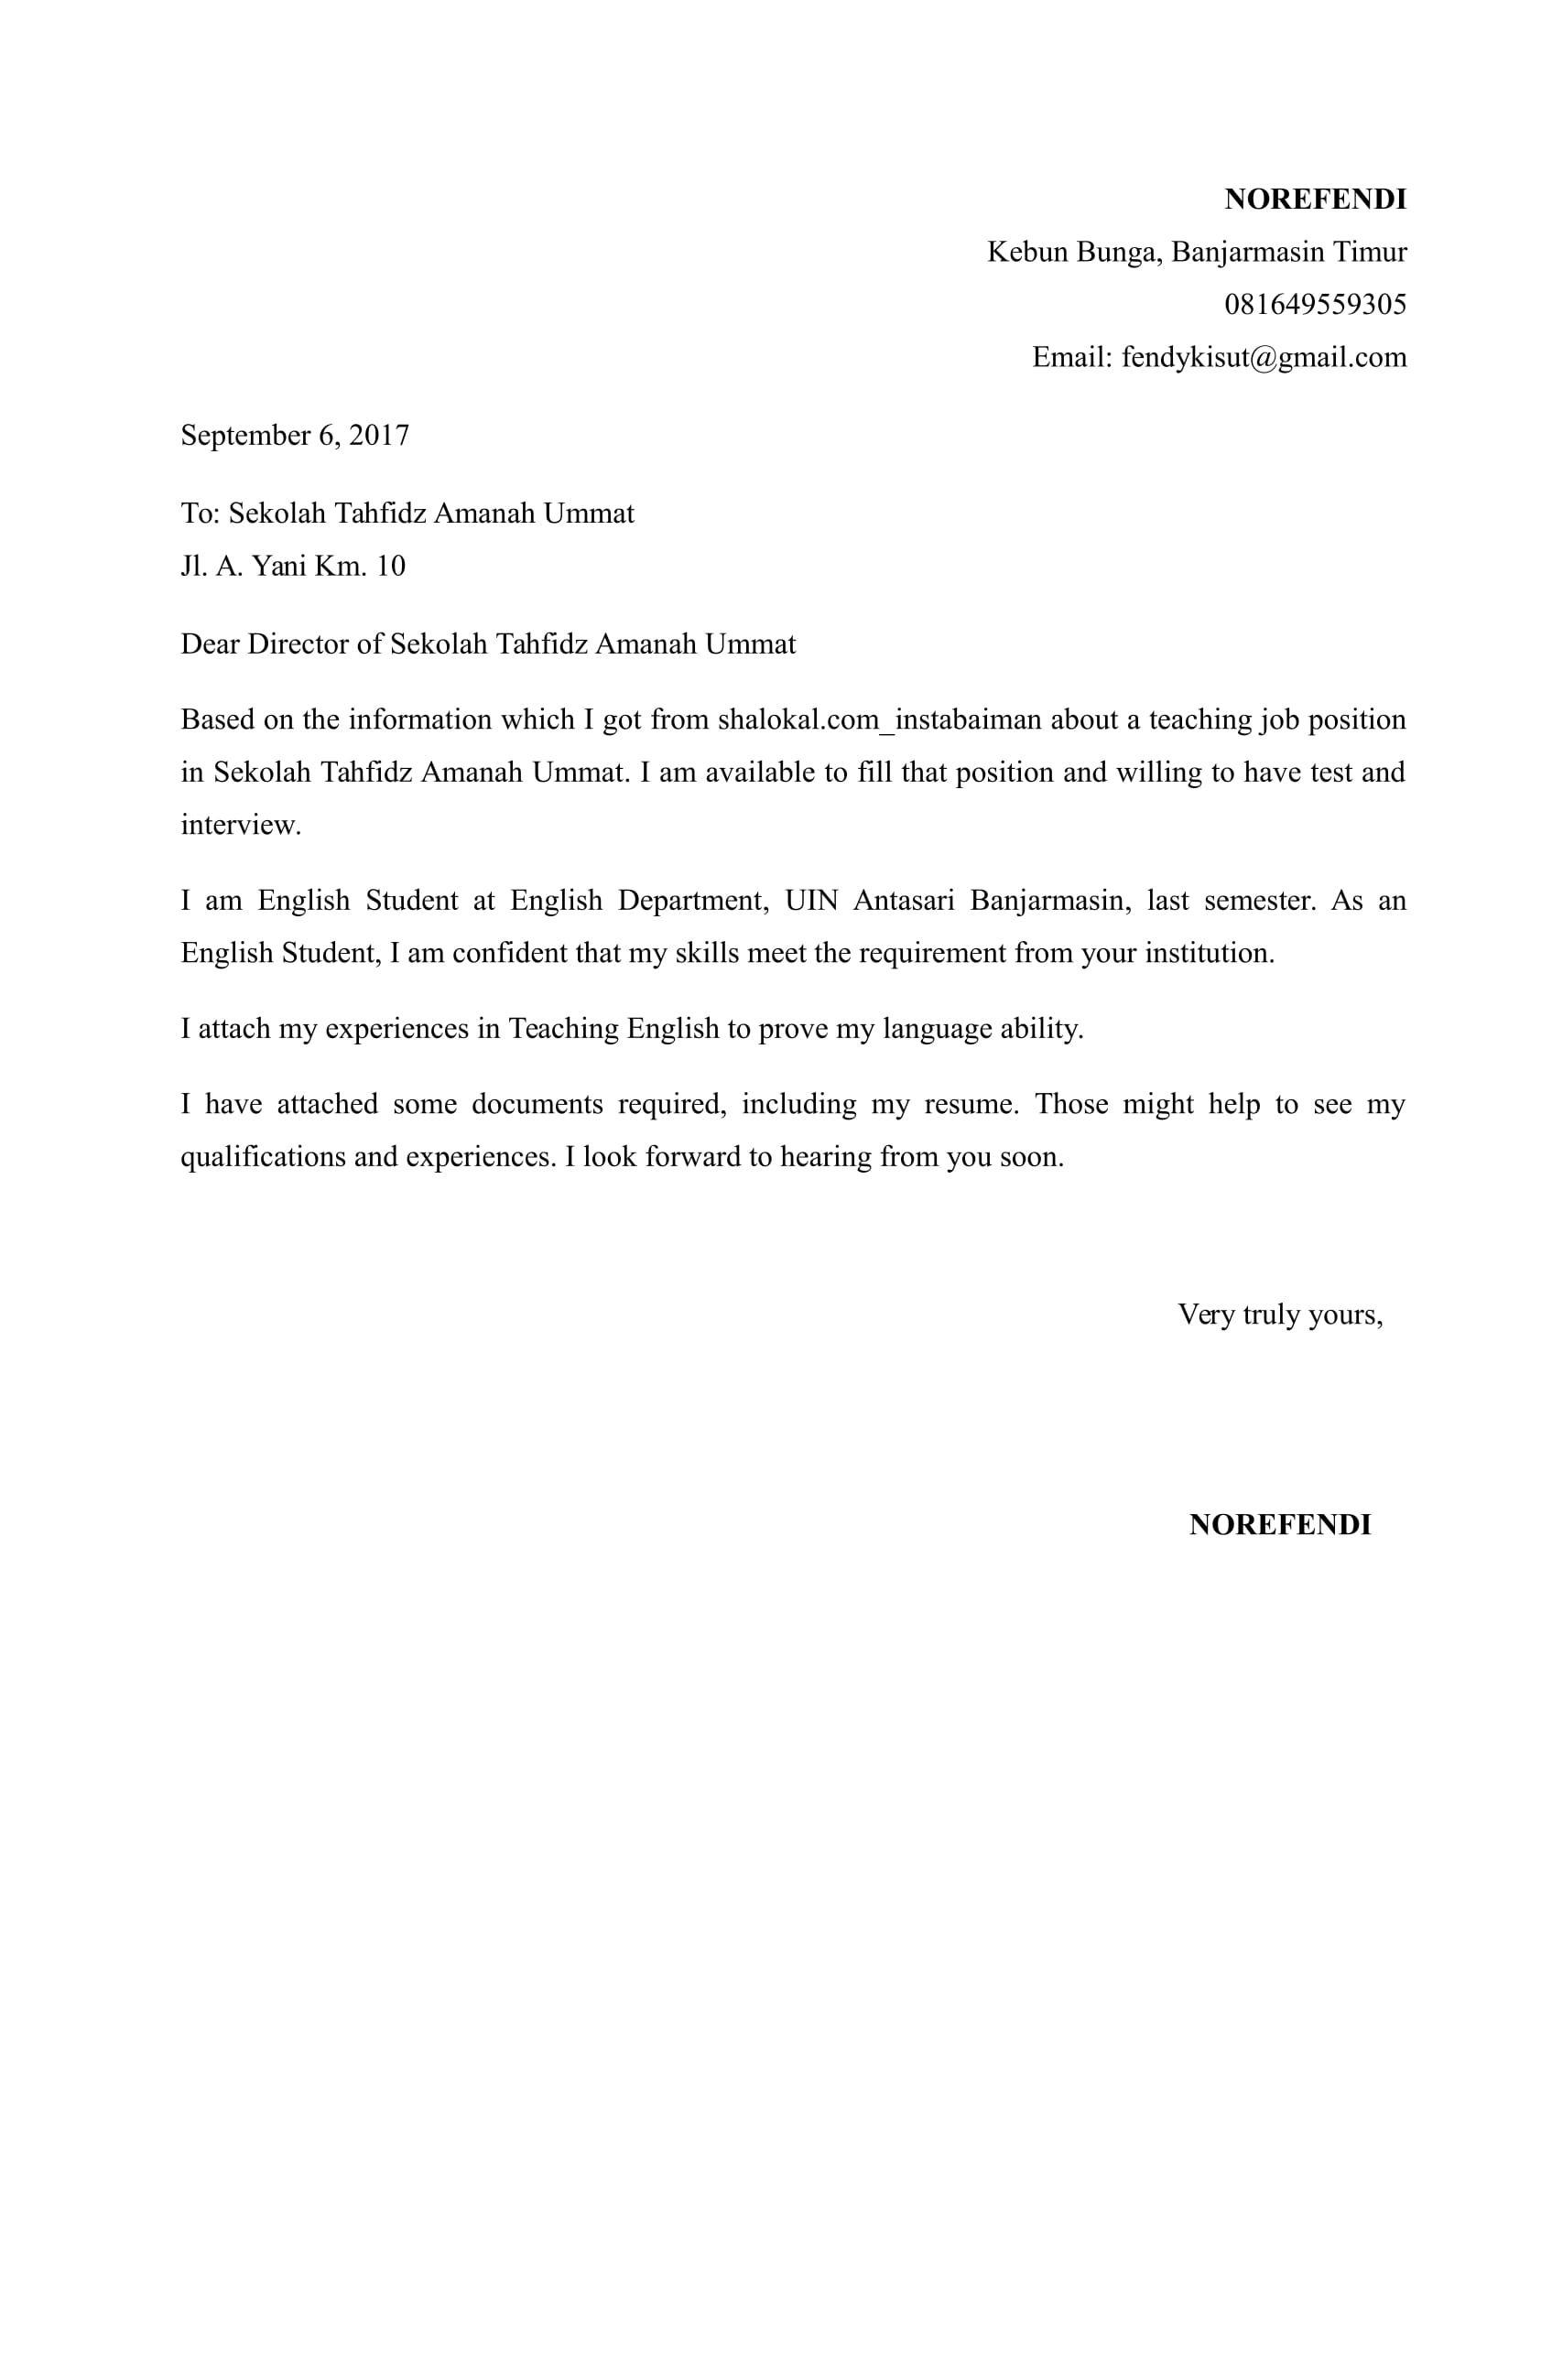 English Application Letter Contoh Surat Lamaran Kerja Bahasa Inggris Download Contoh Lengkap Gratis